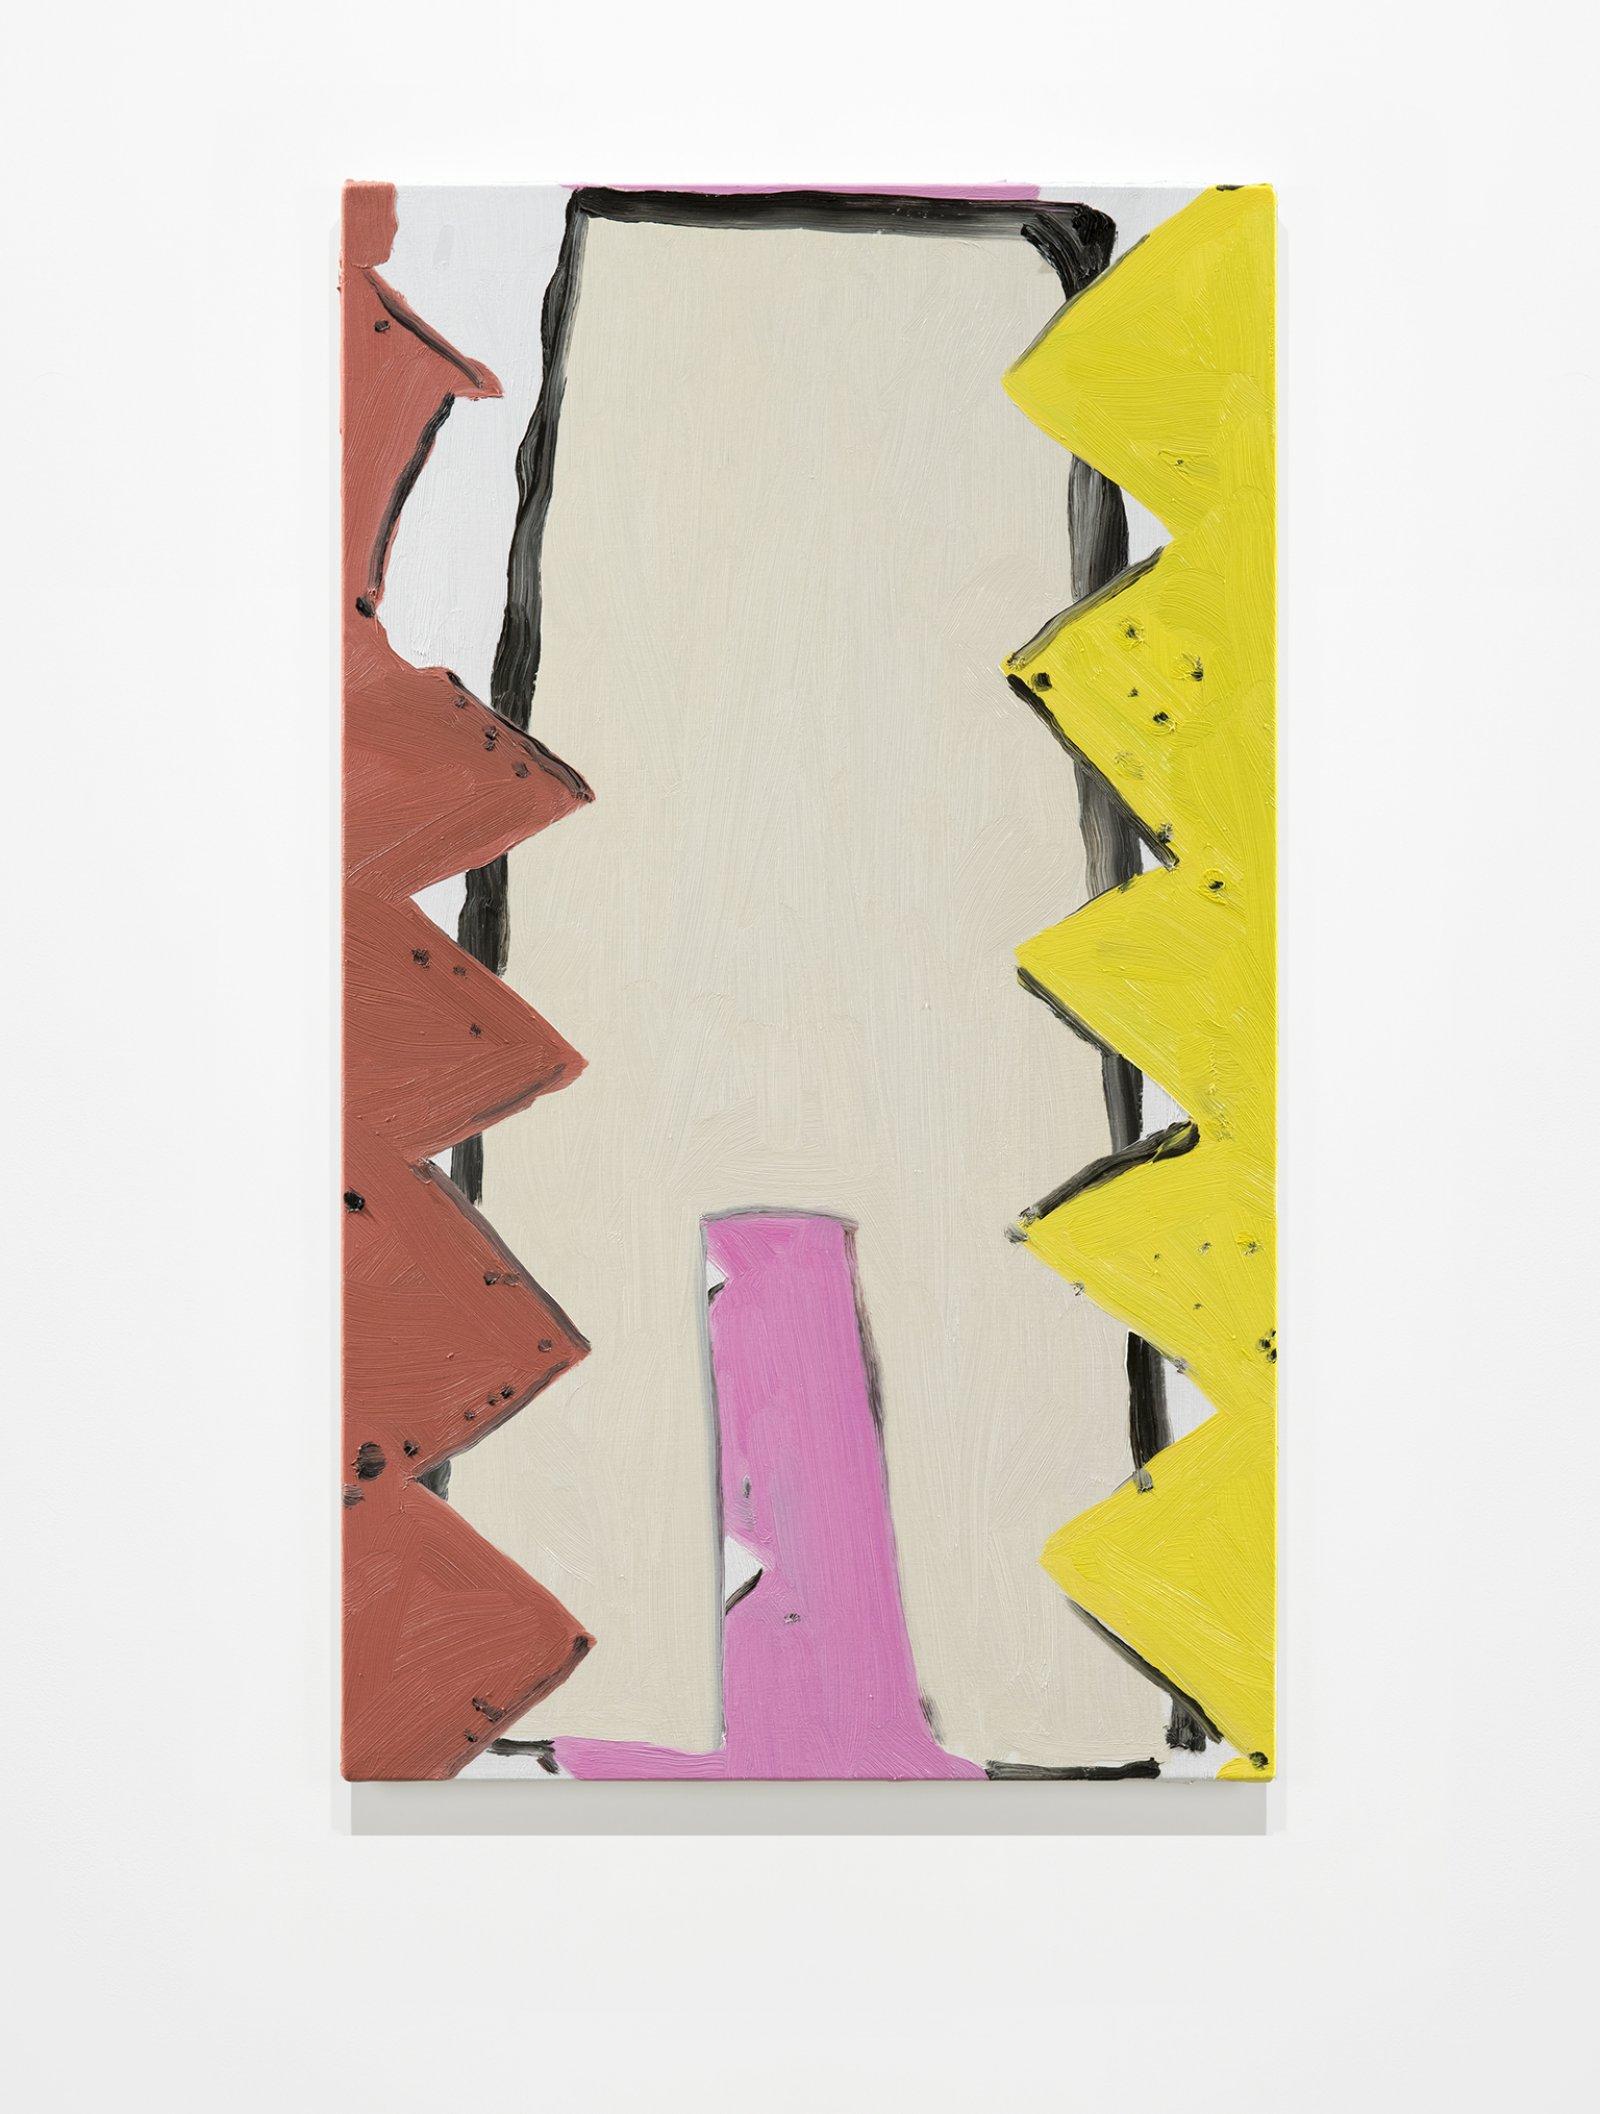 Elizabeth McIntosh, Jaws, 2020, oil on canvas, 29 x 17 in. (74 x 43 cm) by Elizabeth McIntosh